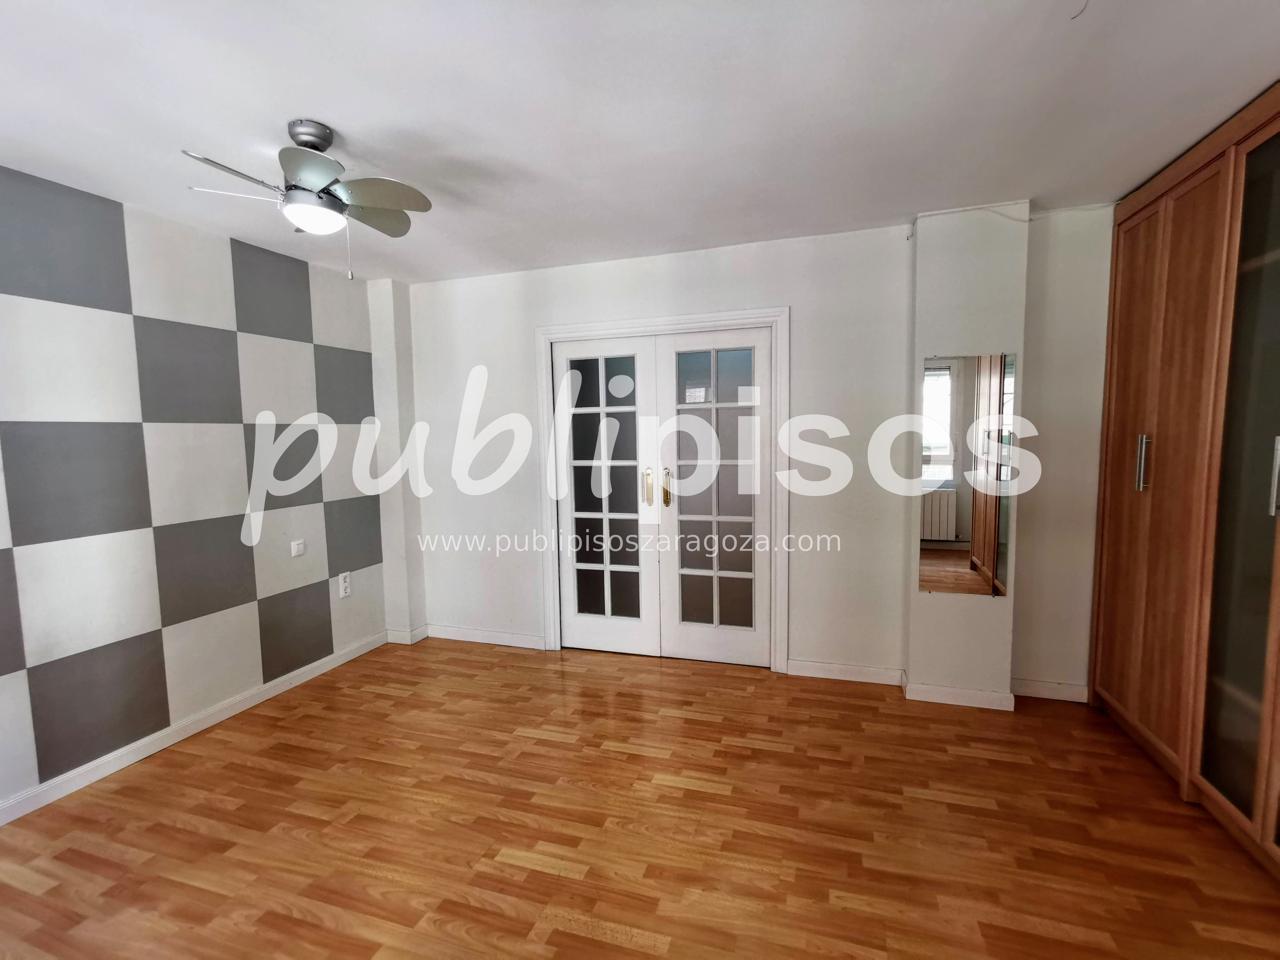 Piso en venta en Zaragoza de 90 m2-7